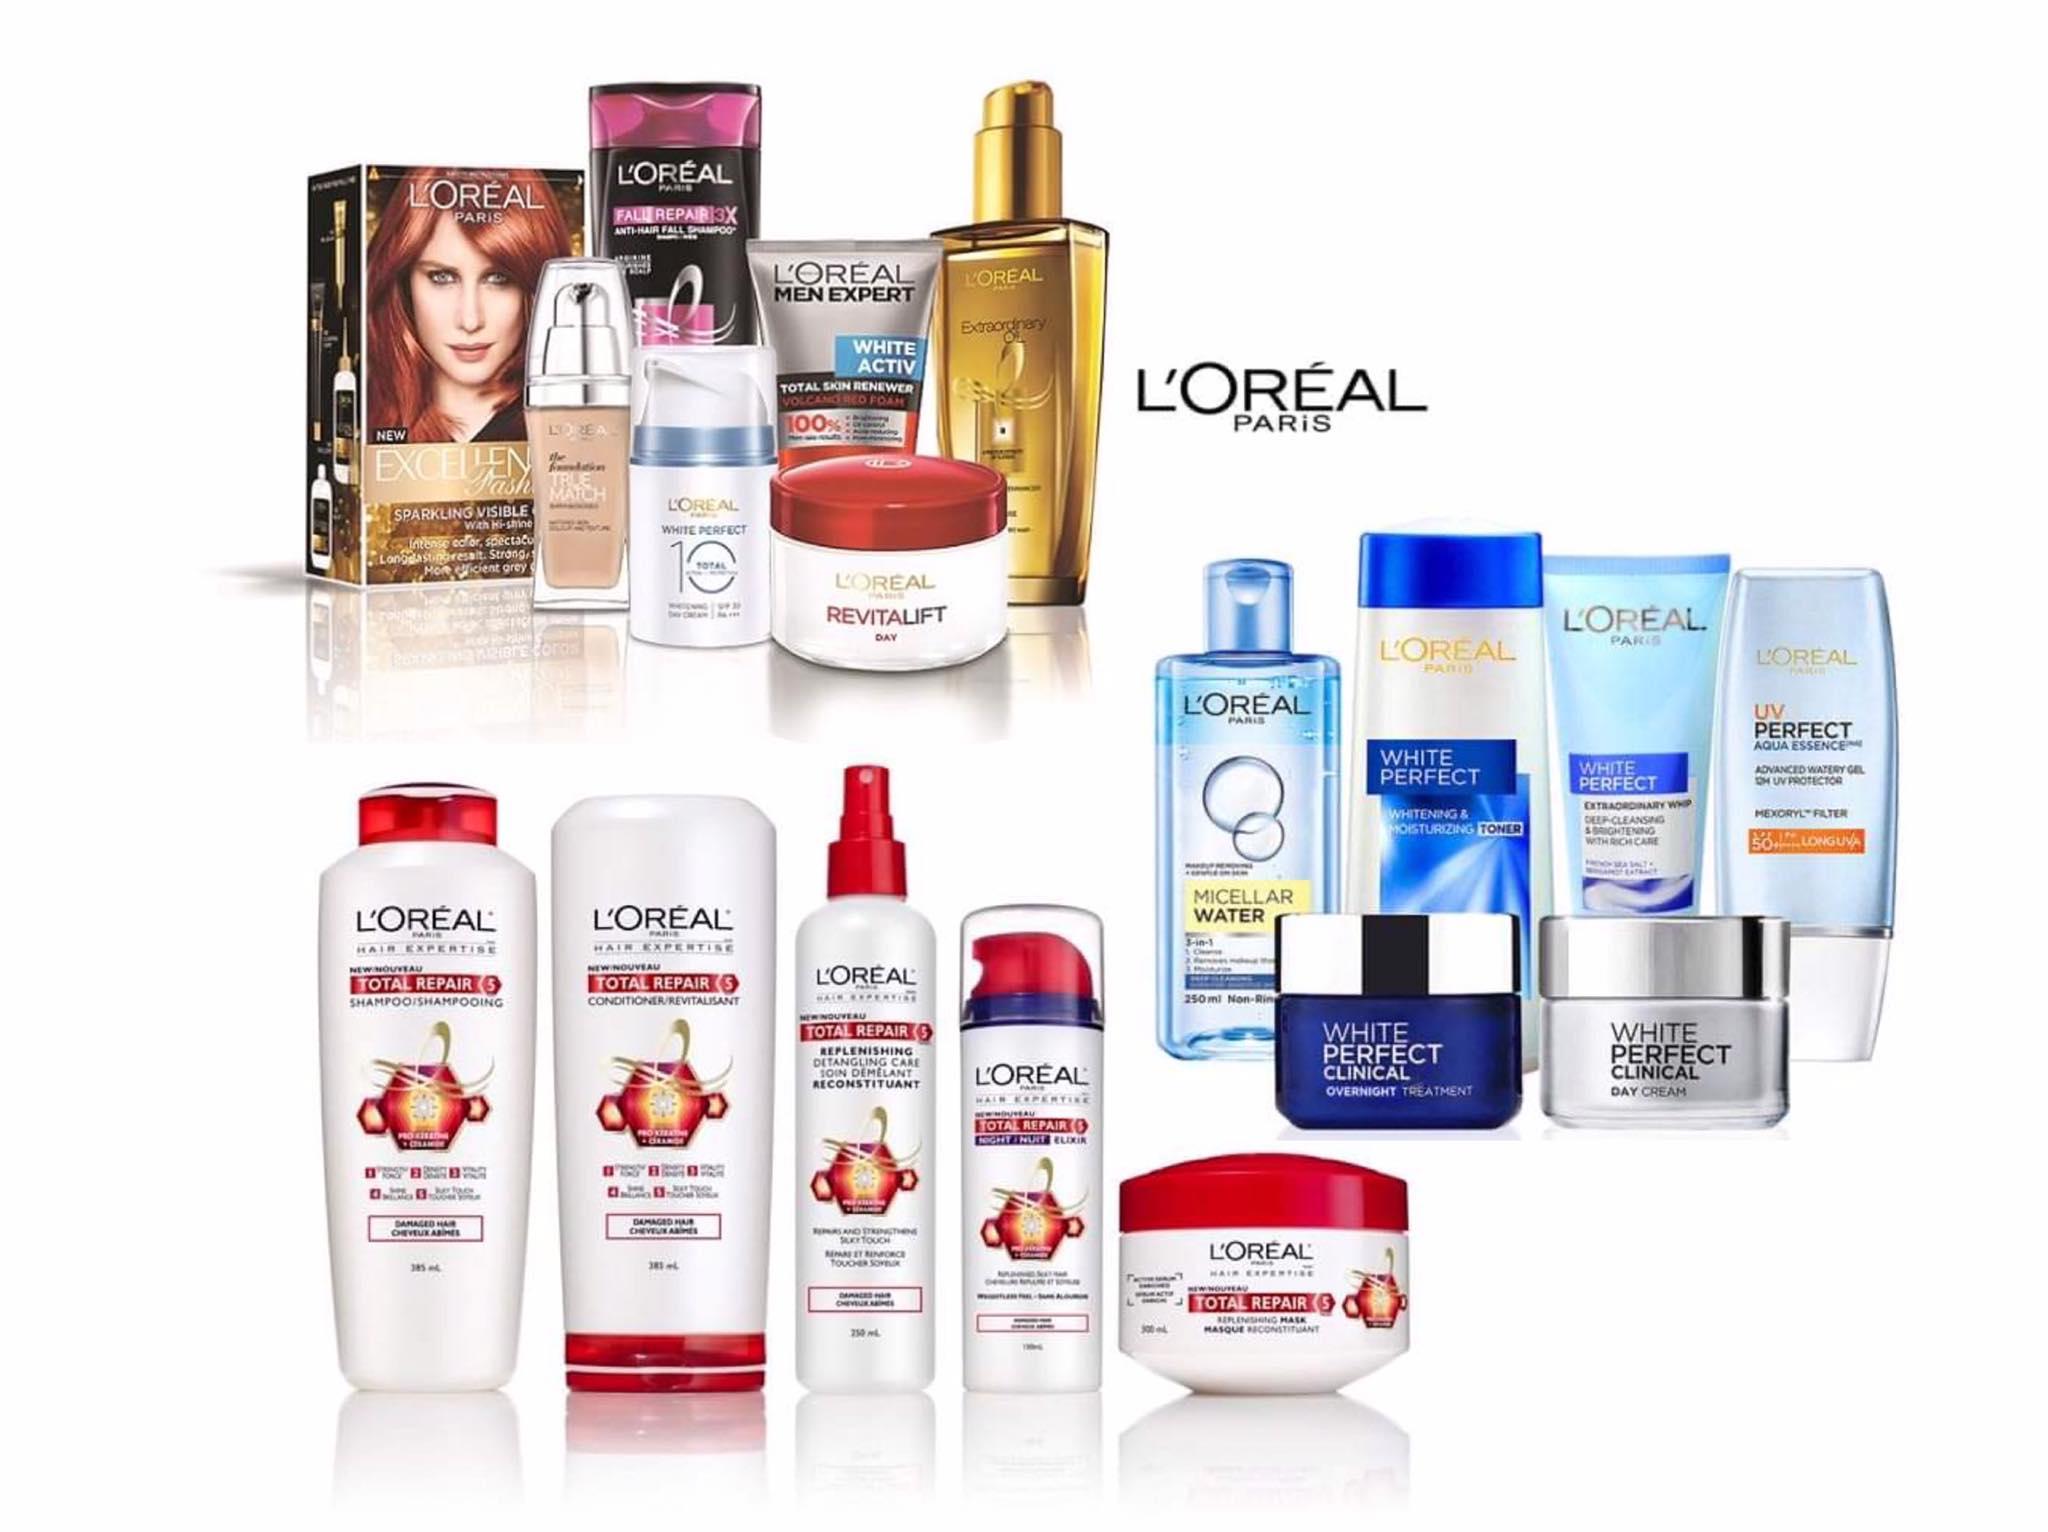 Và những sản phẩm chăm sóc da, dưỡng tóc của L'Oréal Paris.